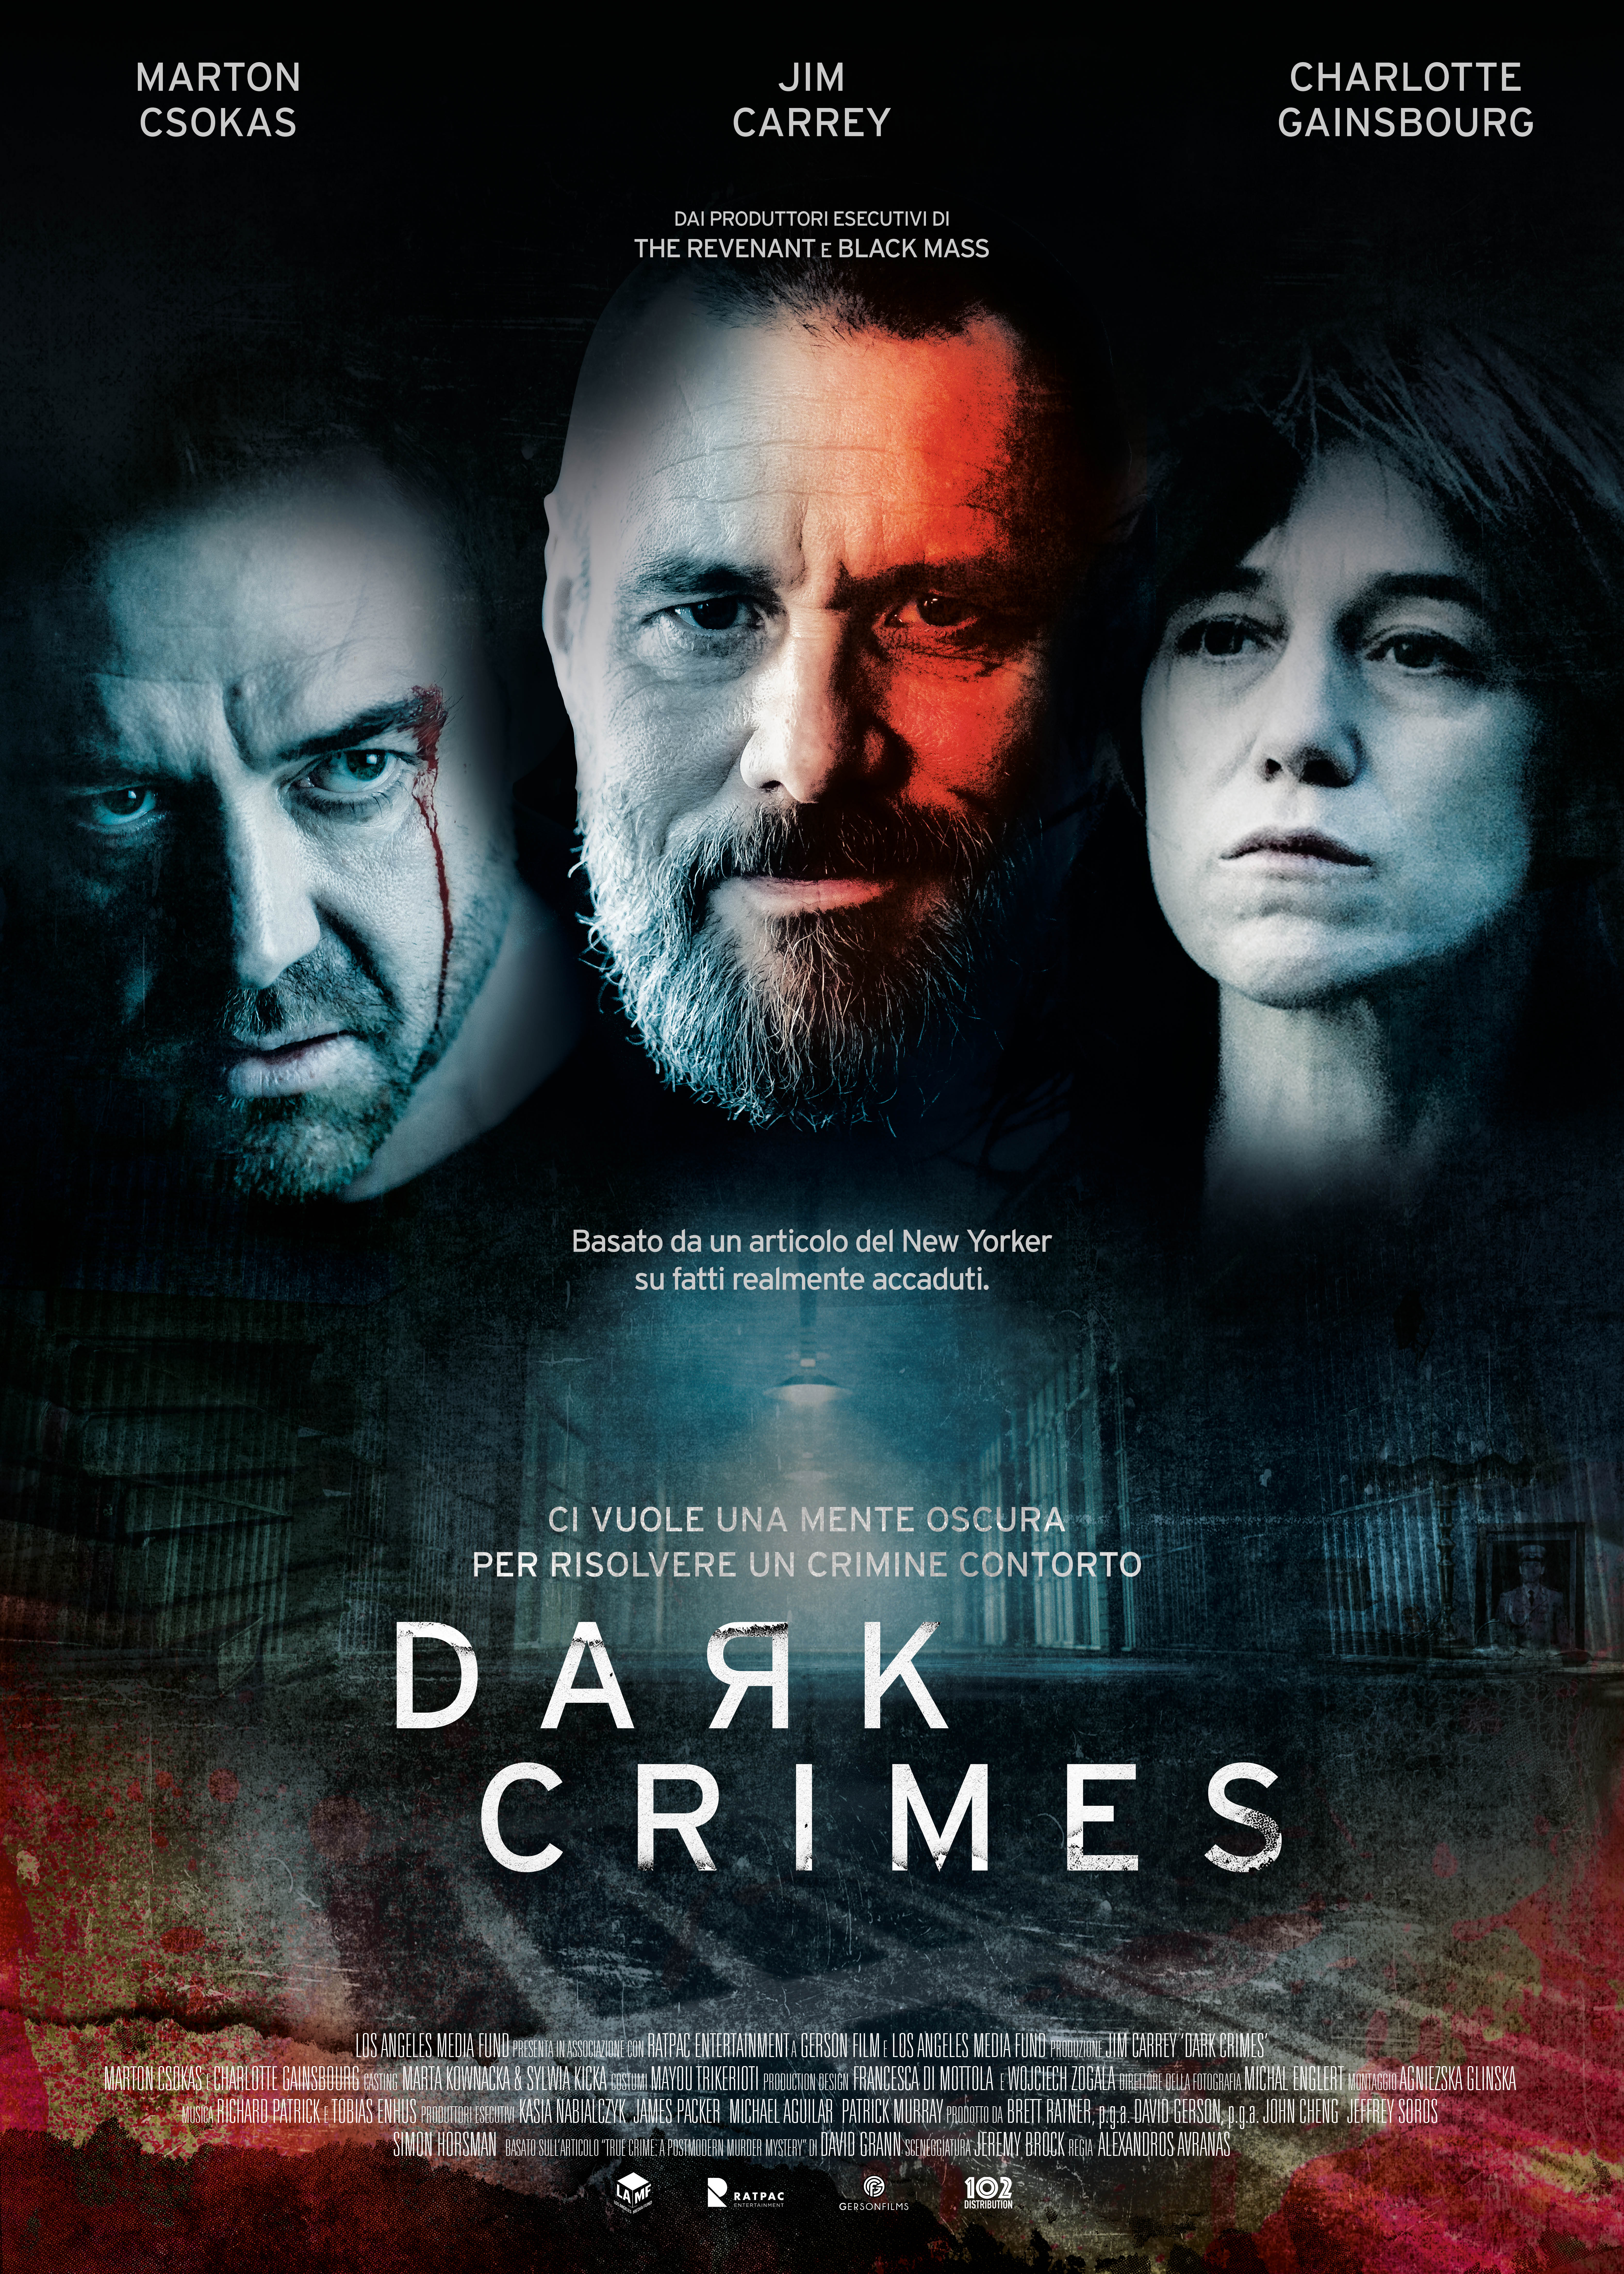 JIM CARREY E CHARLOTTE GAINSBOURG NEL THRILLER 'DARK CRIMES' SU PRIME VIDEO DALL'8 MARZO CON 102 DISTRIBUTION